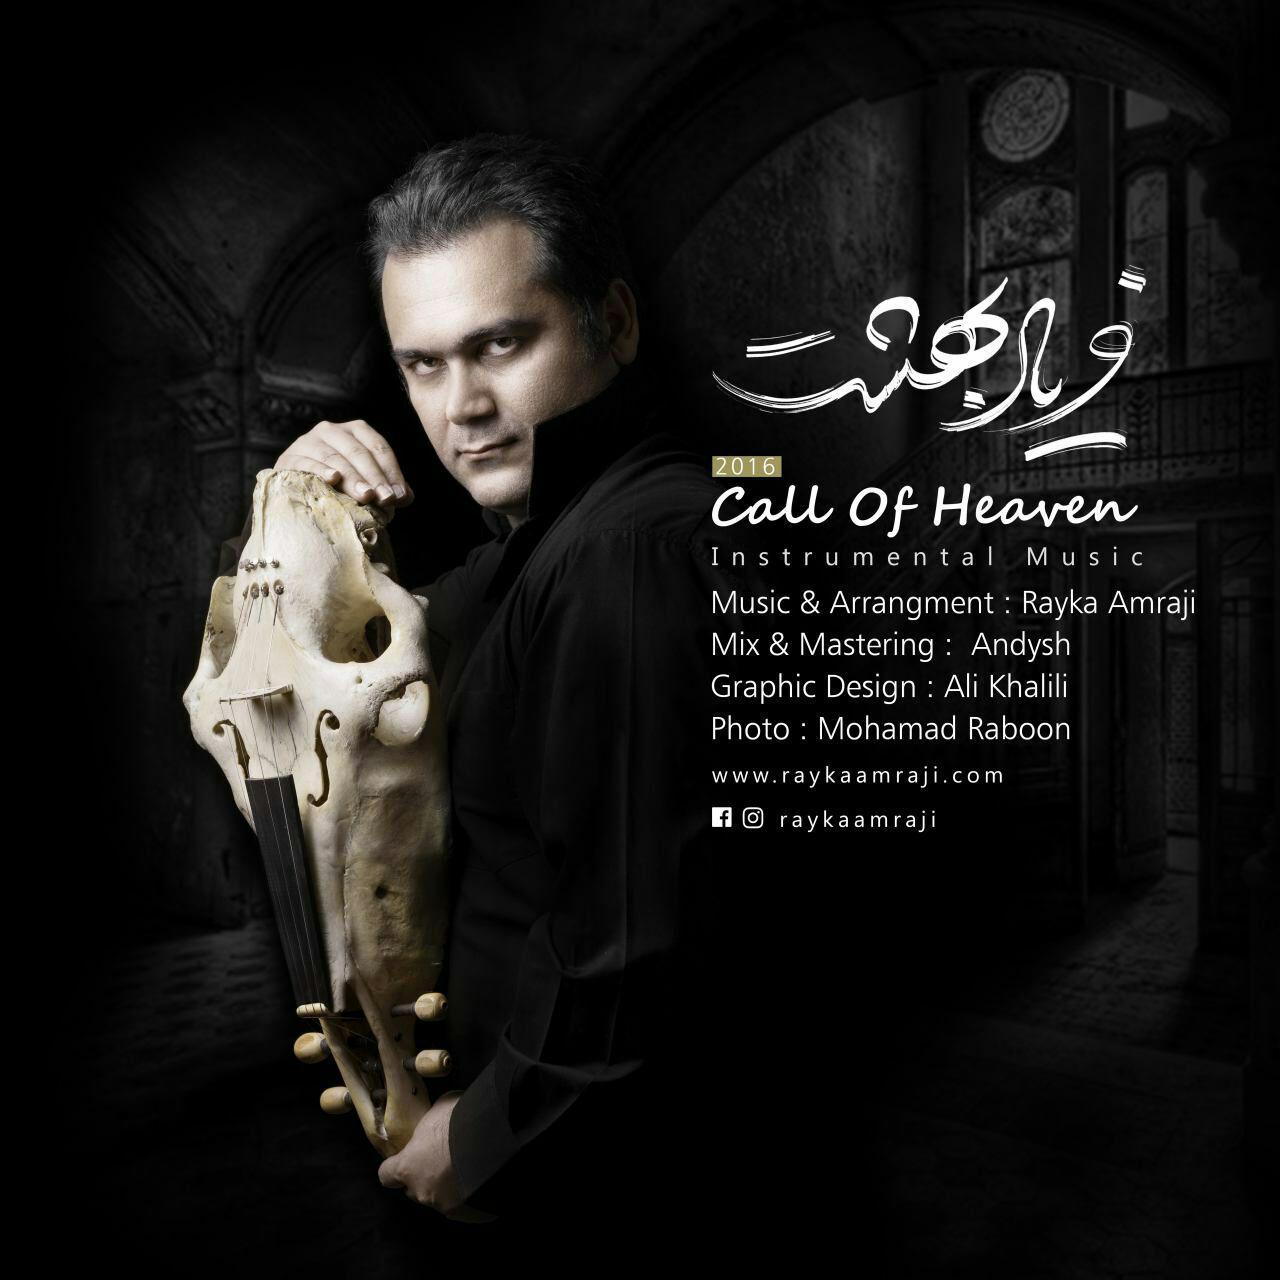 Rayka Amraji (Call Of Heaven)